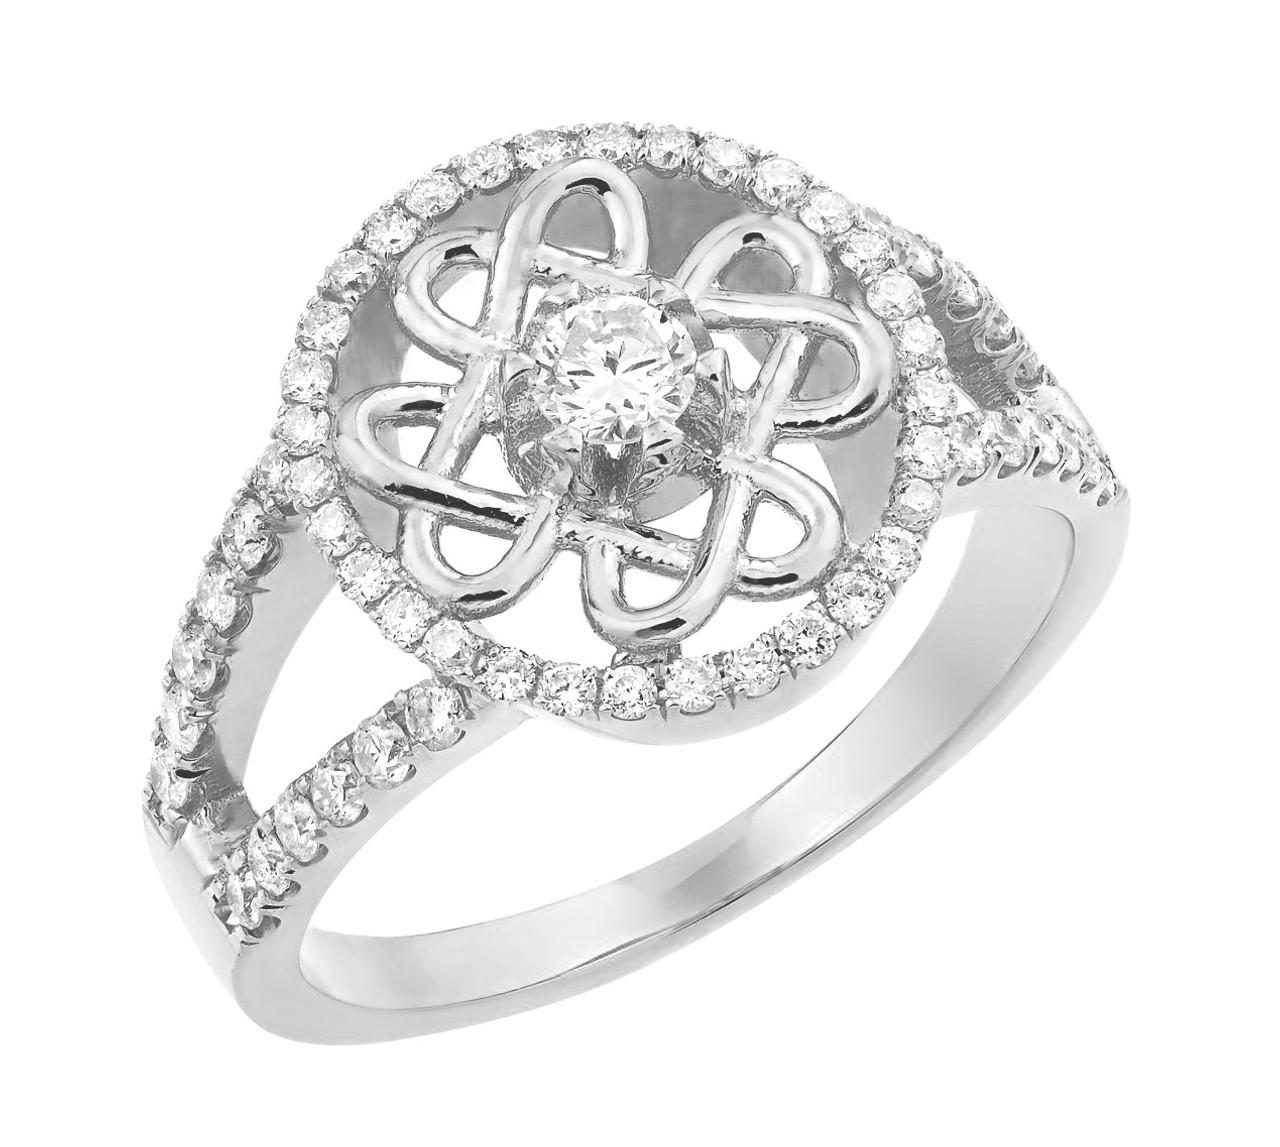 White Gold Forever Celtic Knot Diamond Wedding Ring